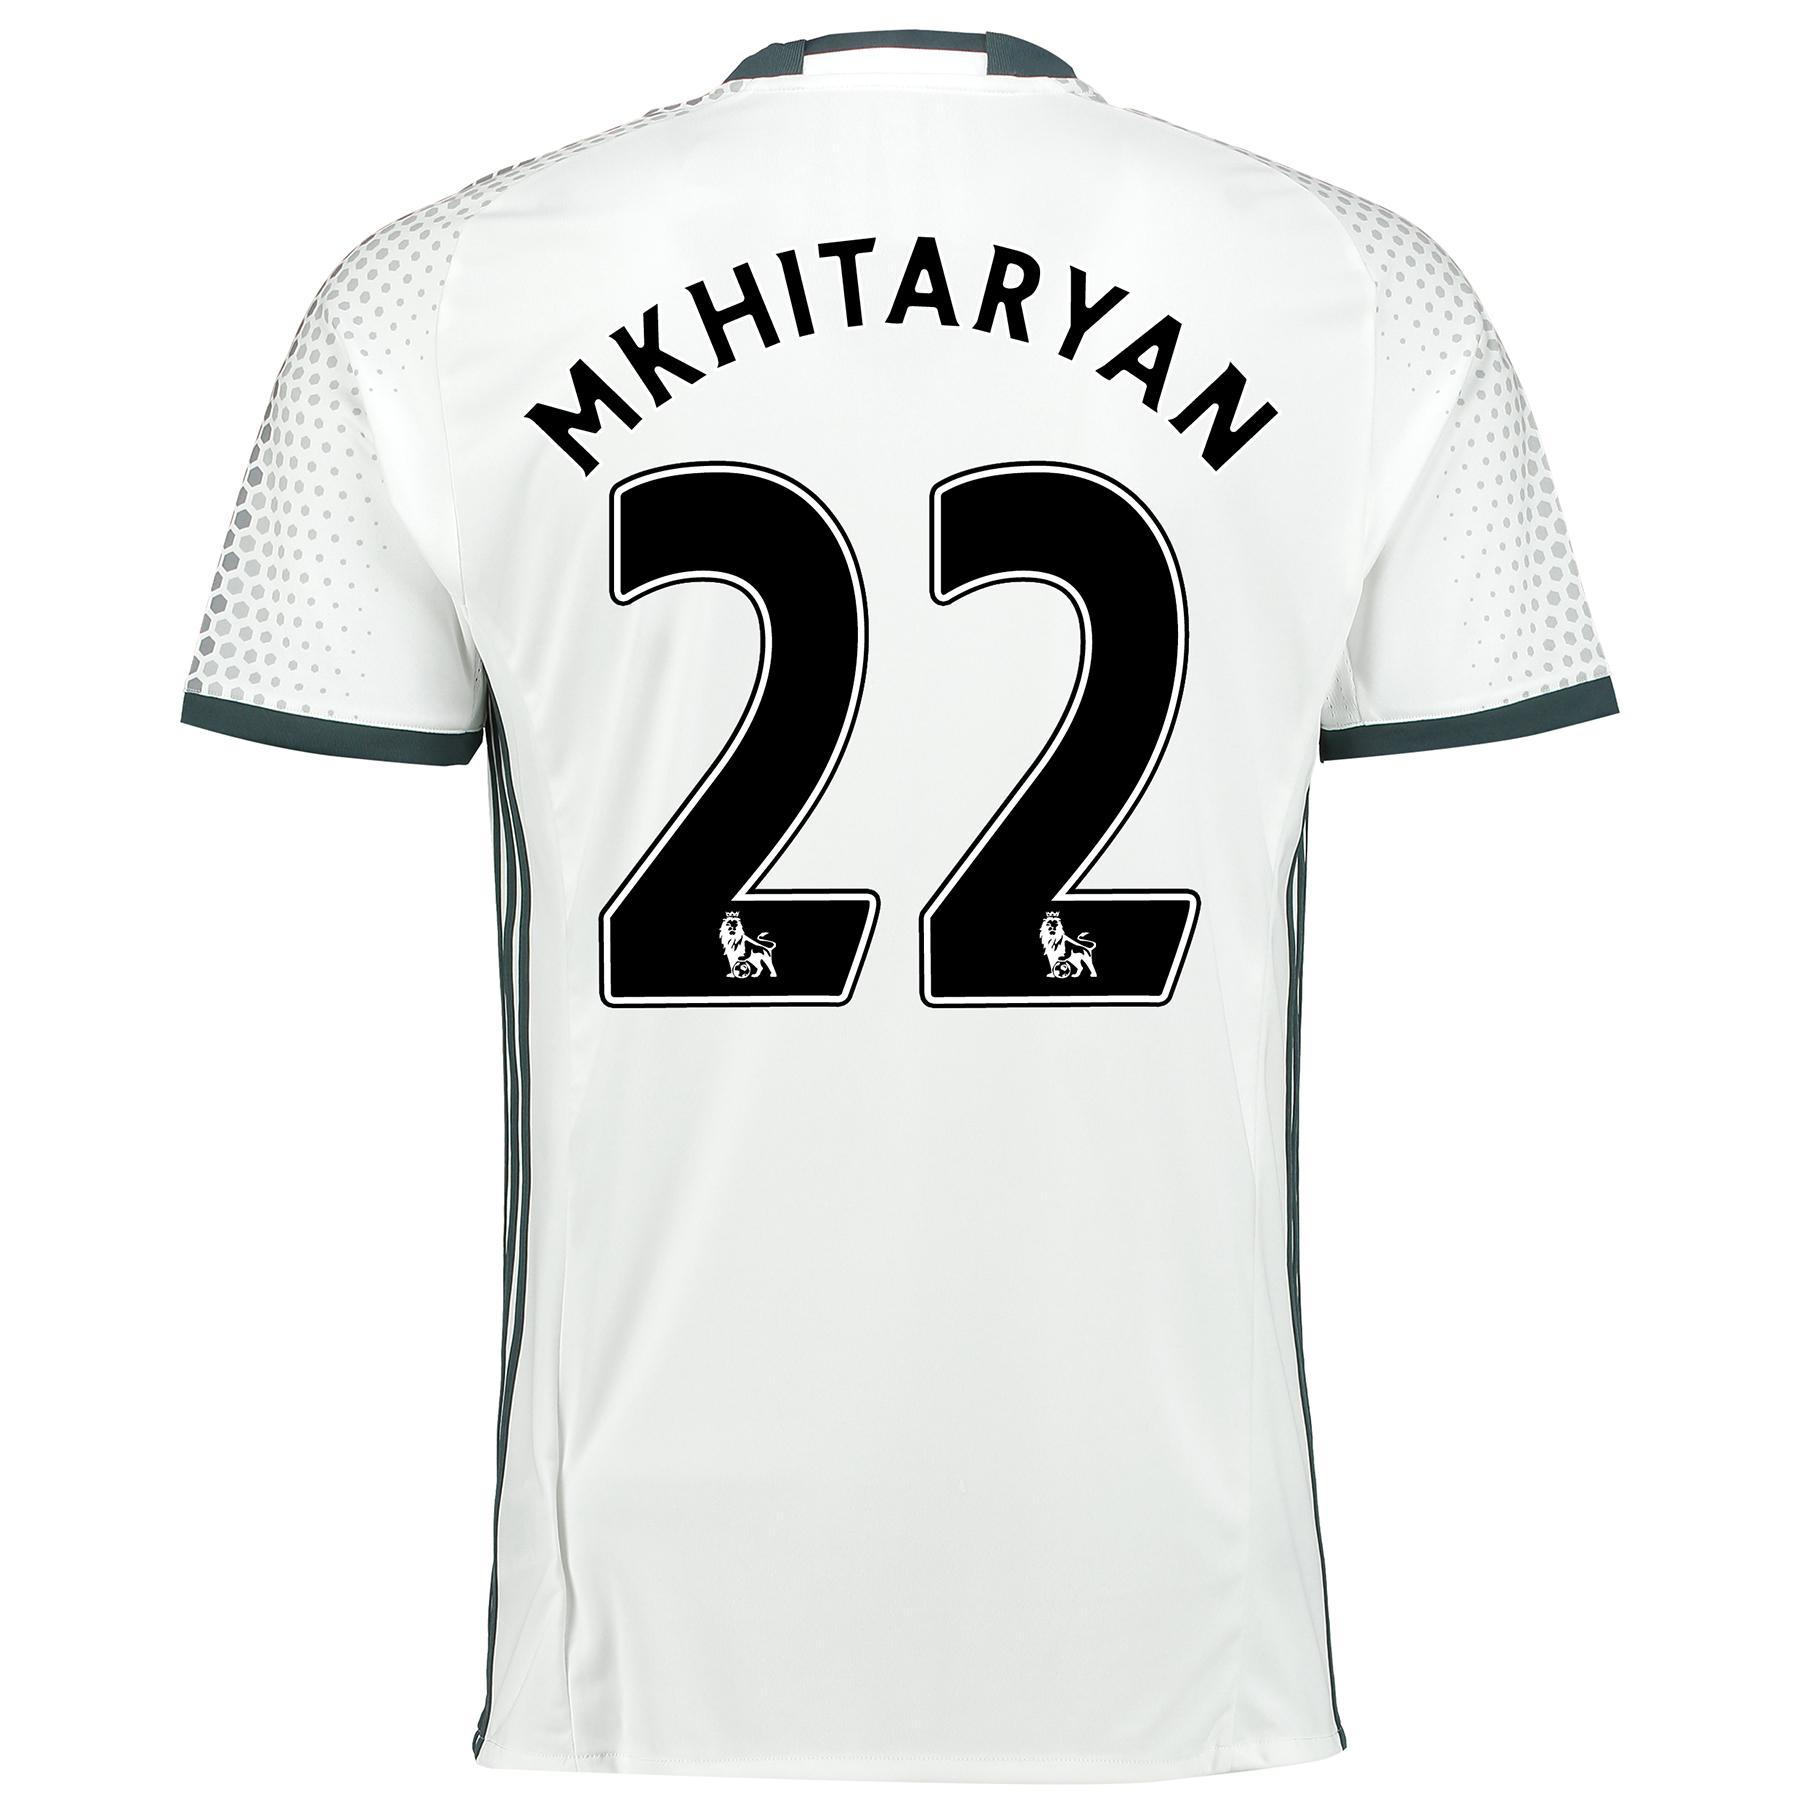 Manchester United Third Shirt 2016-17 with Mkhitaryan 22 printing